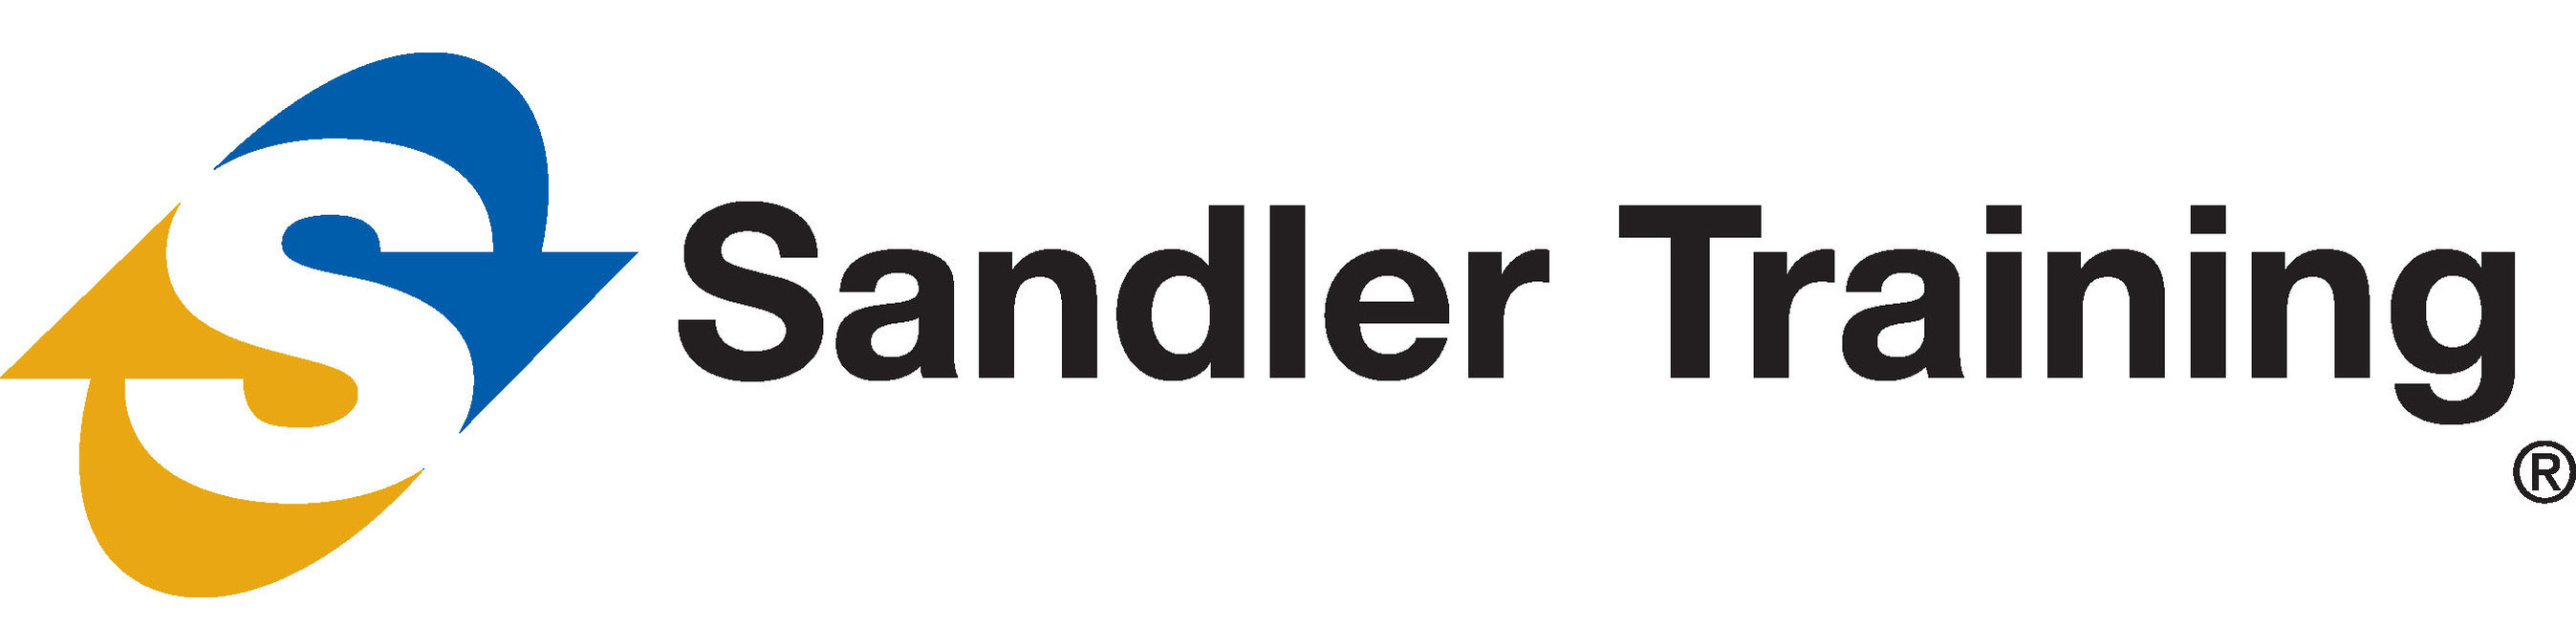 Sandler Training's Logo